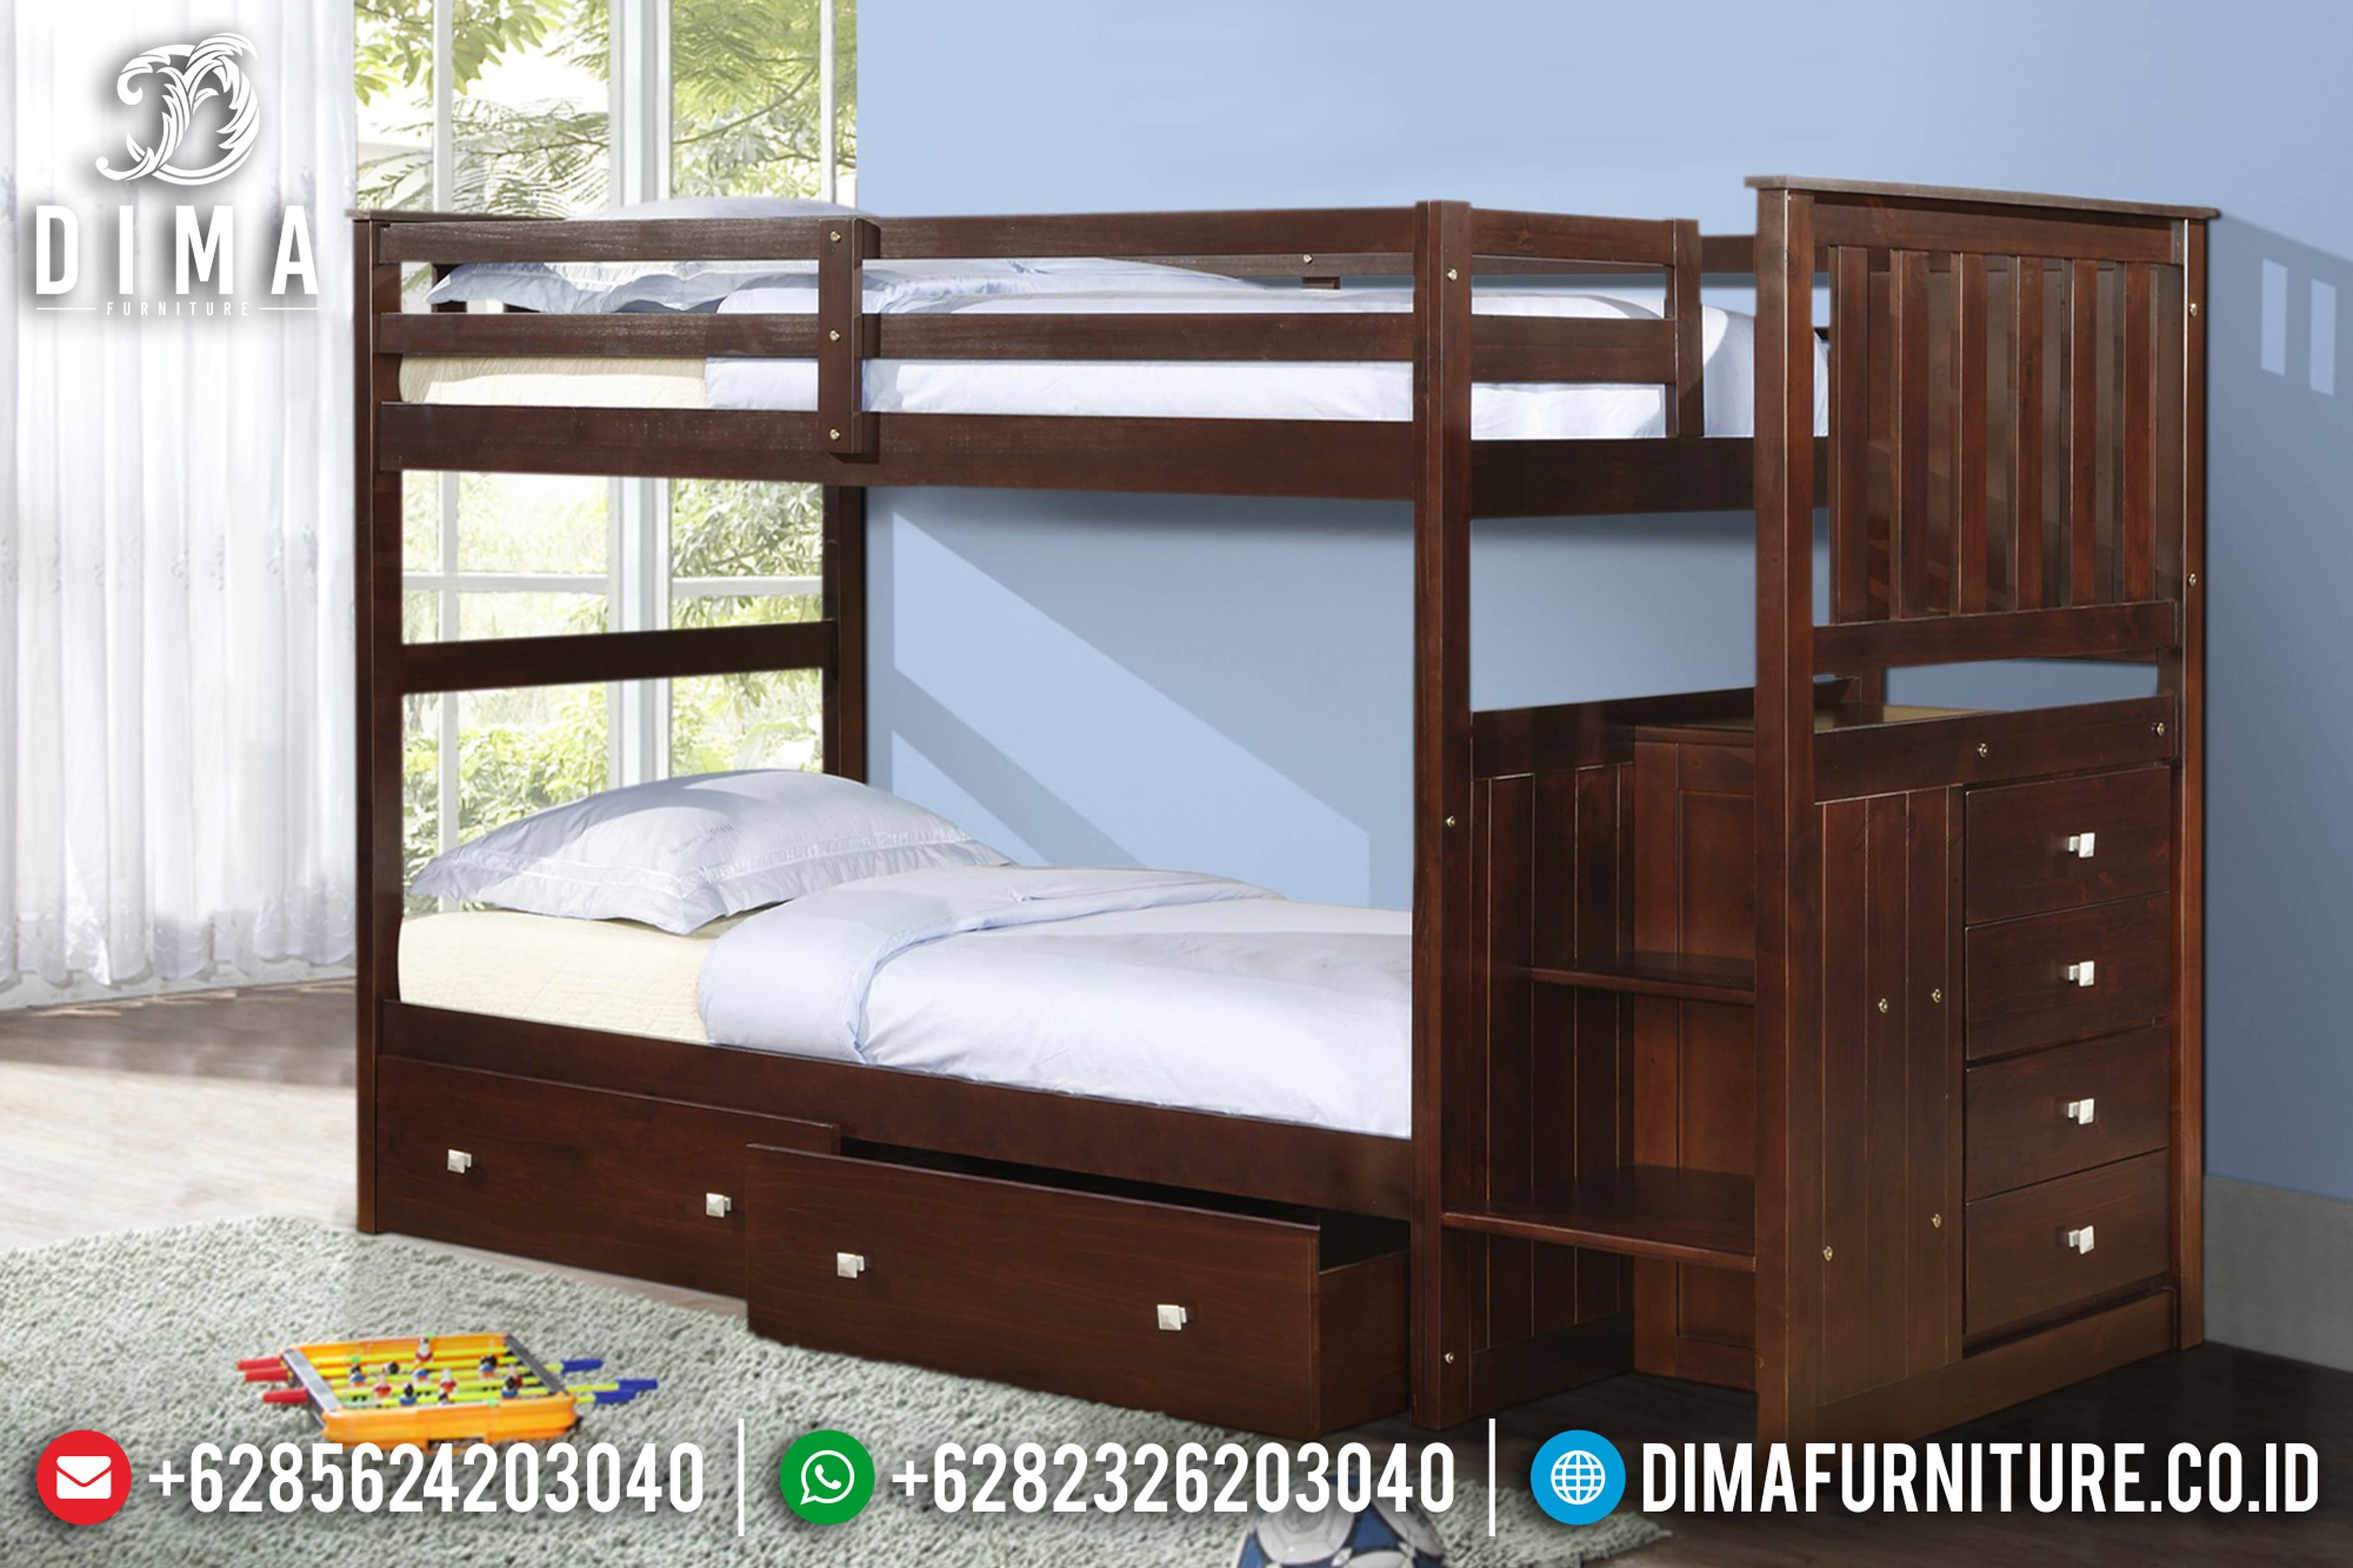 Tempat Tidur Anak Minimalis, Dipan Tingkat Jati, Mebel Jepara Terbaru DF-0615